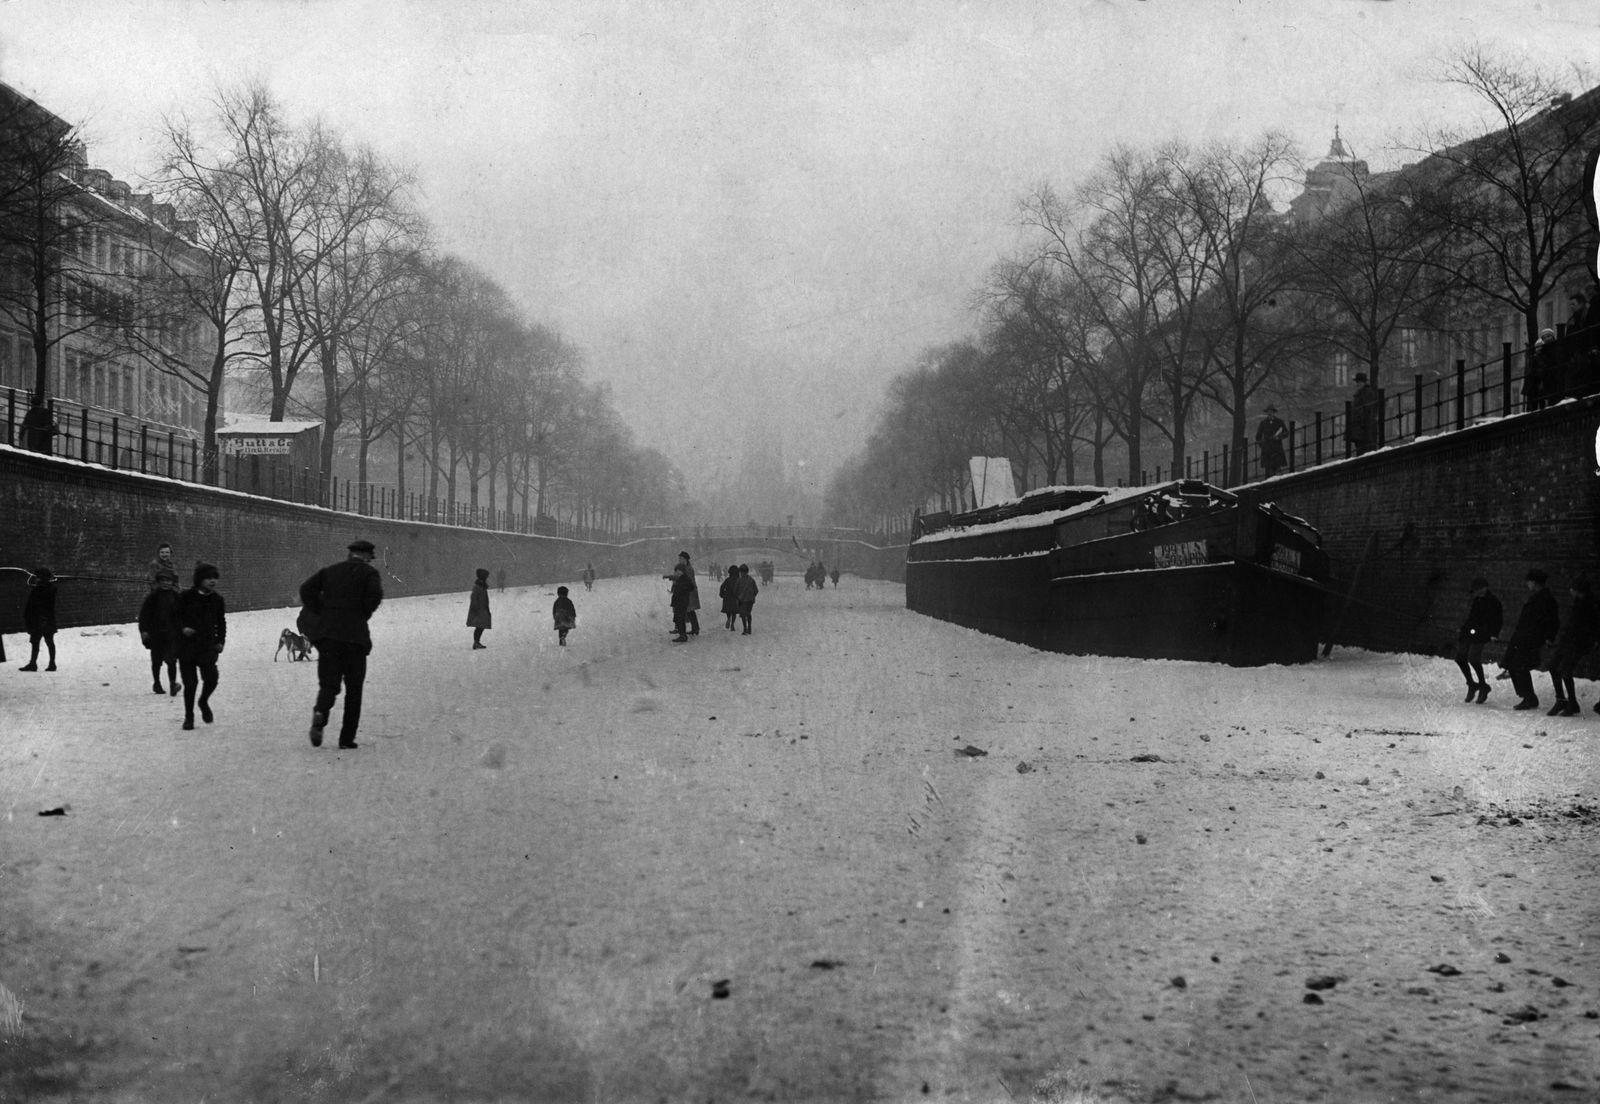 Wintervergnügen auf dem zugefrorenen Luisenkanal (Engelbecken), 1920  © bpk / Kunstbibliothek, SMB / Willy Römer